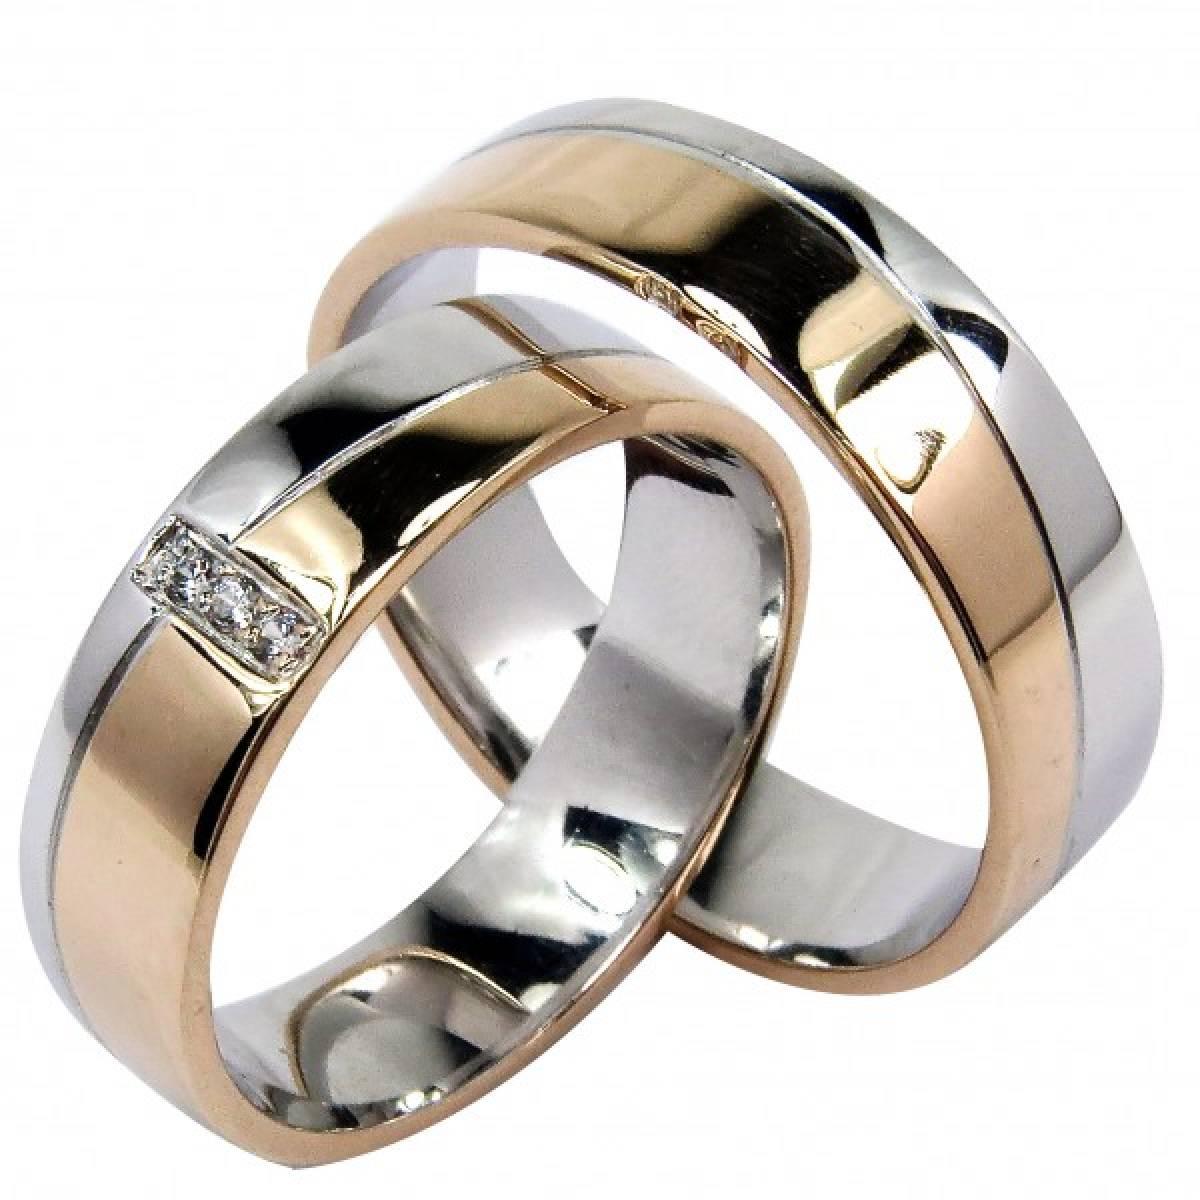 Alianças de casamento em ouro de bicolor com diamantes ou zircónias